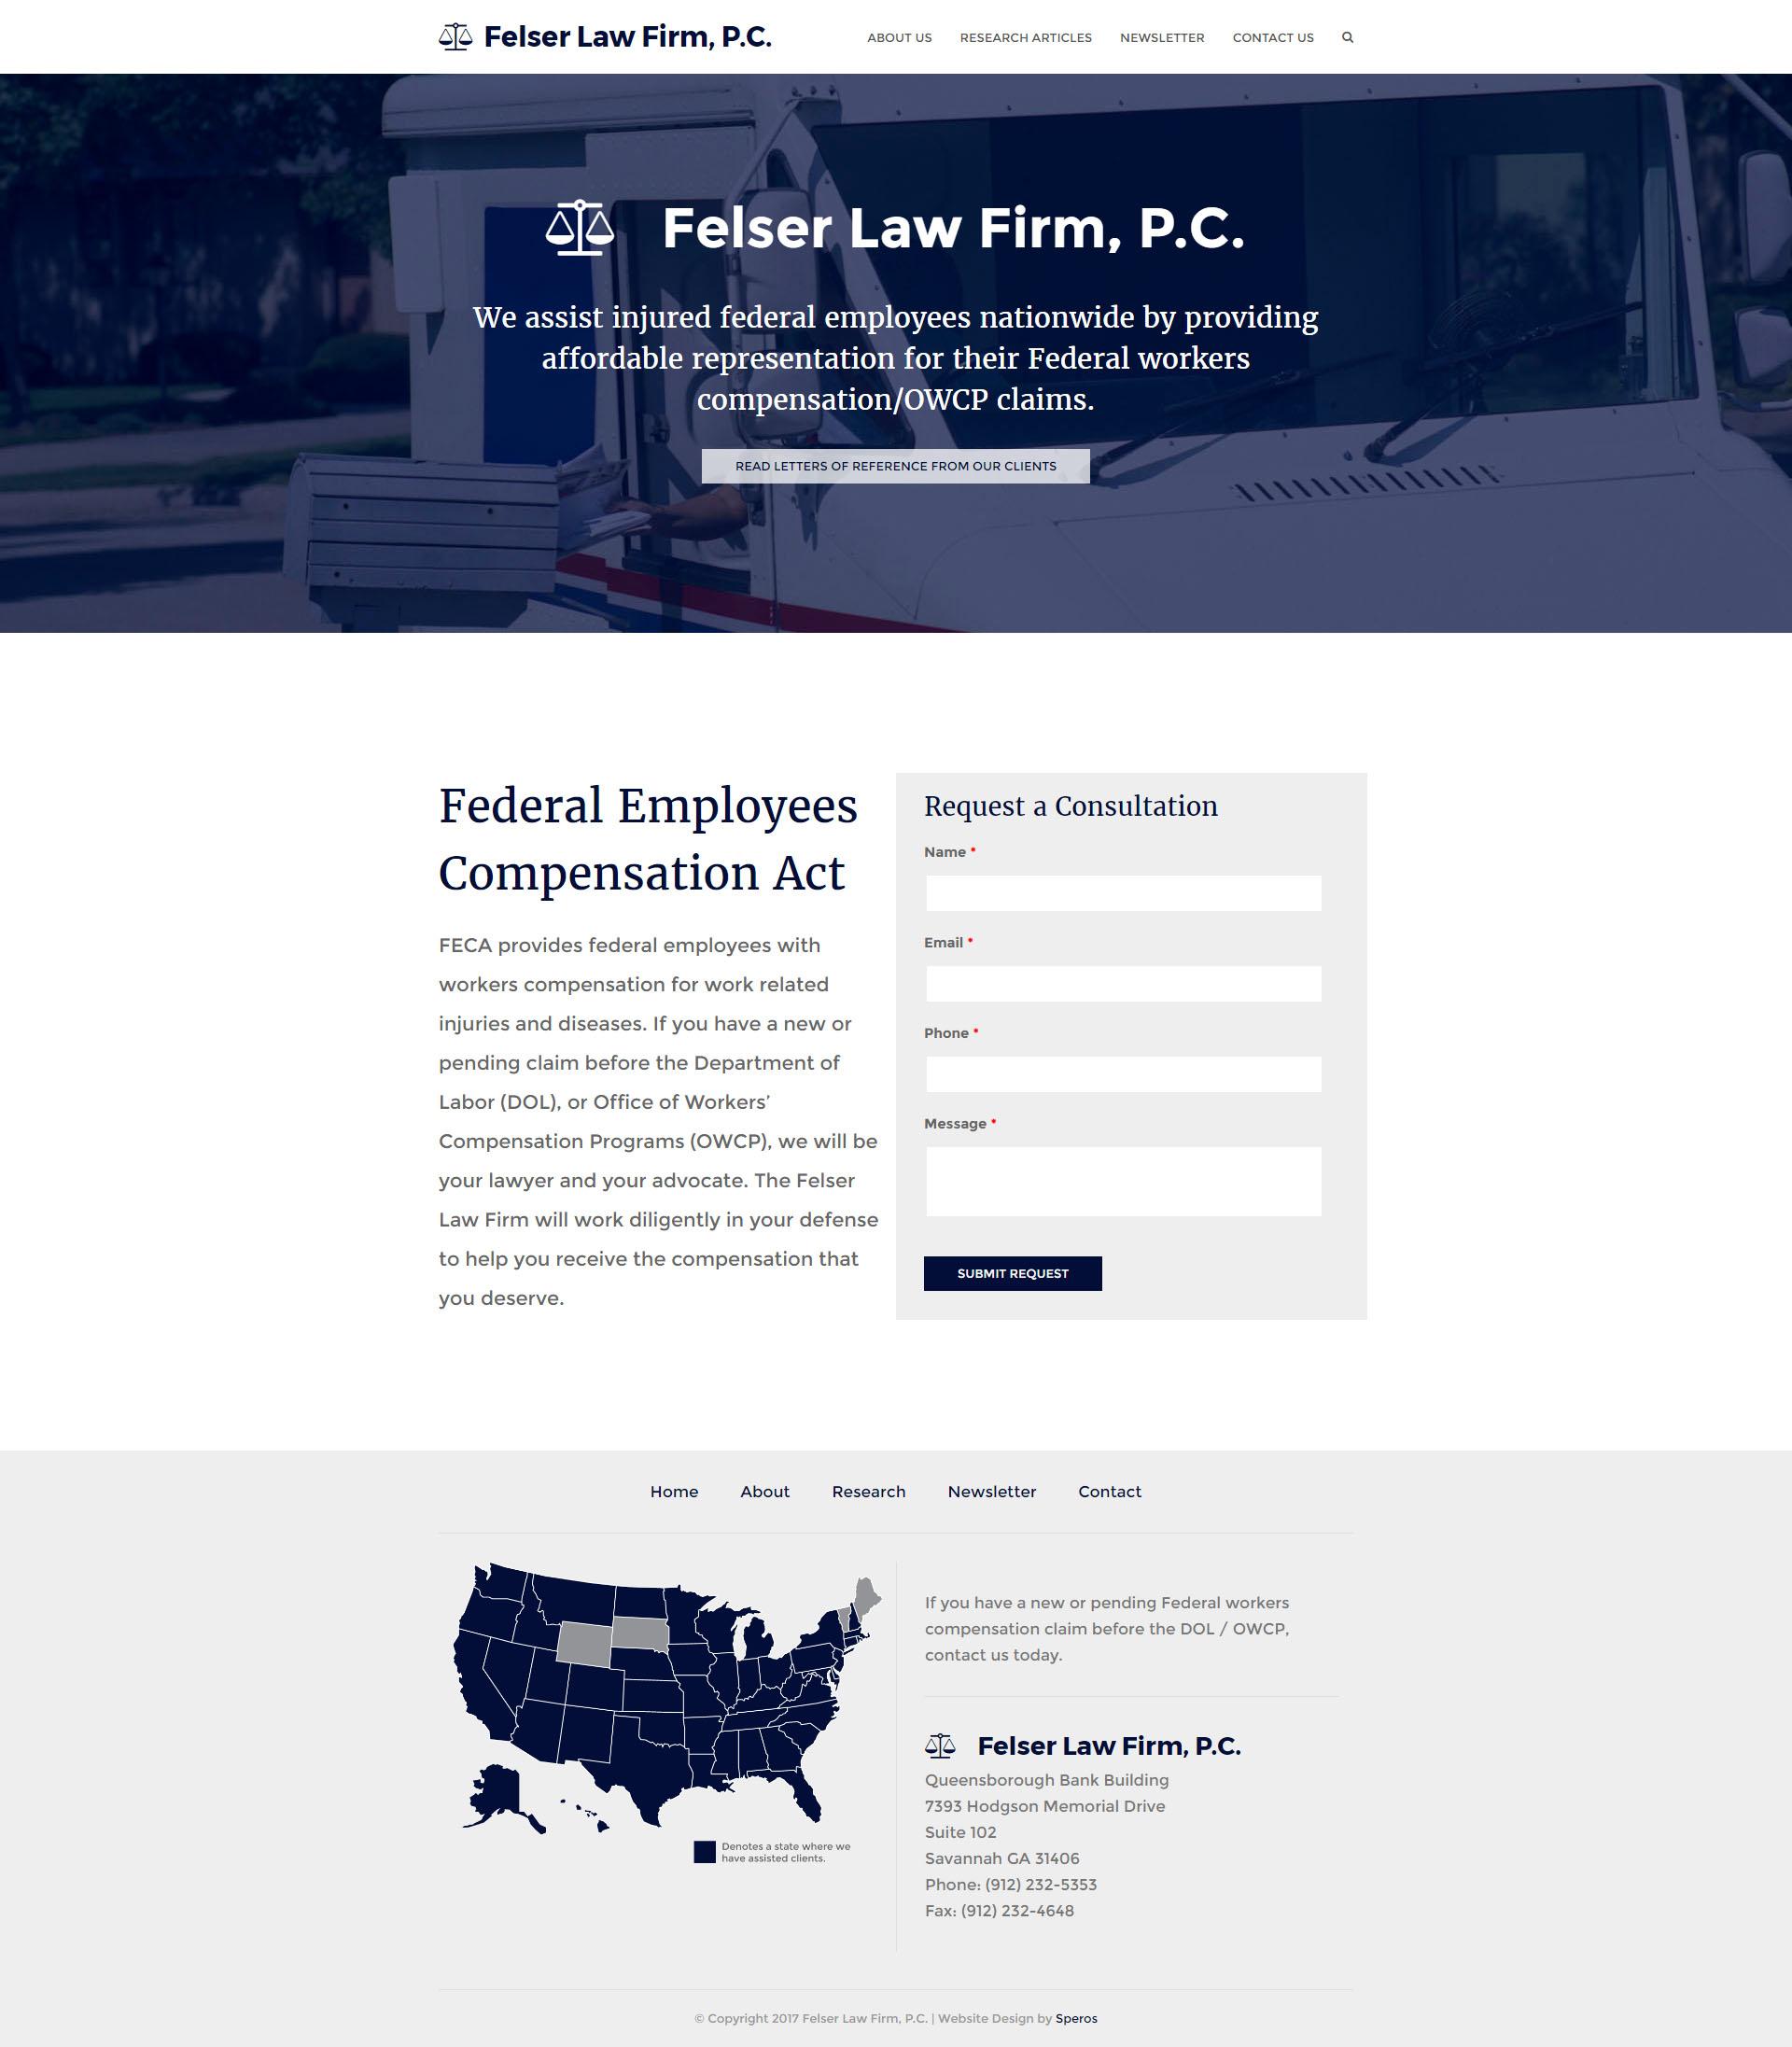 Felser Law Firm